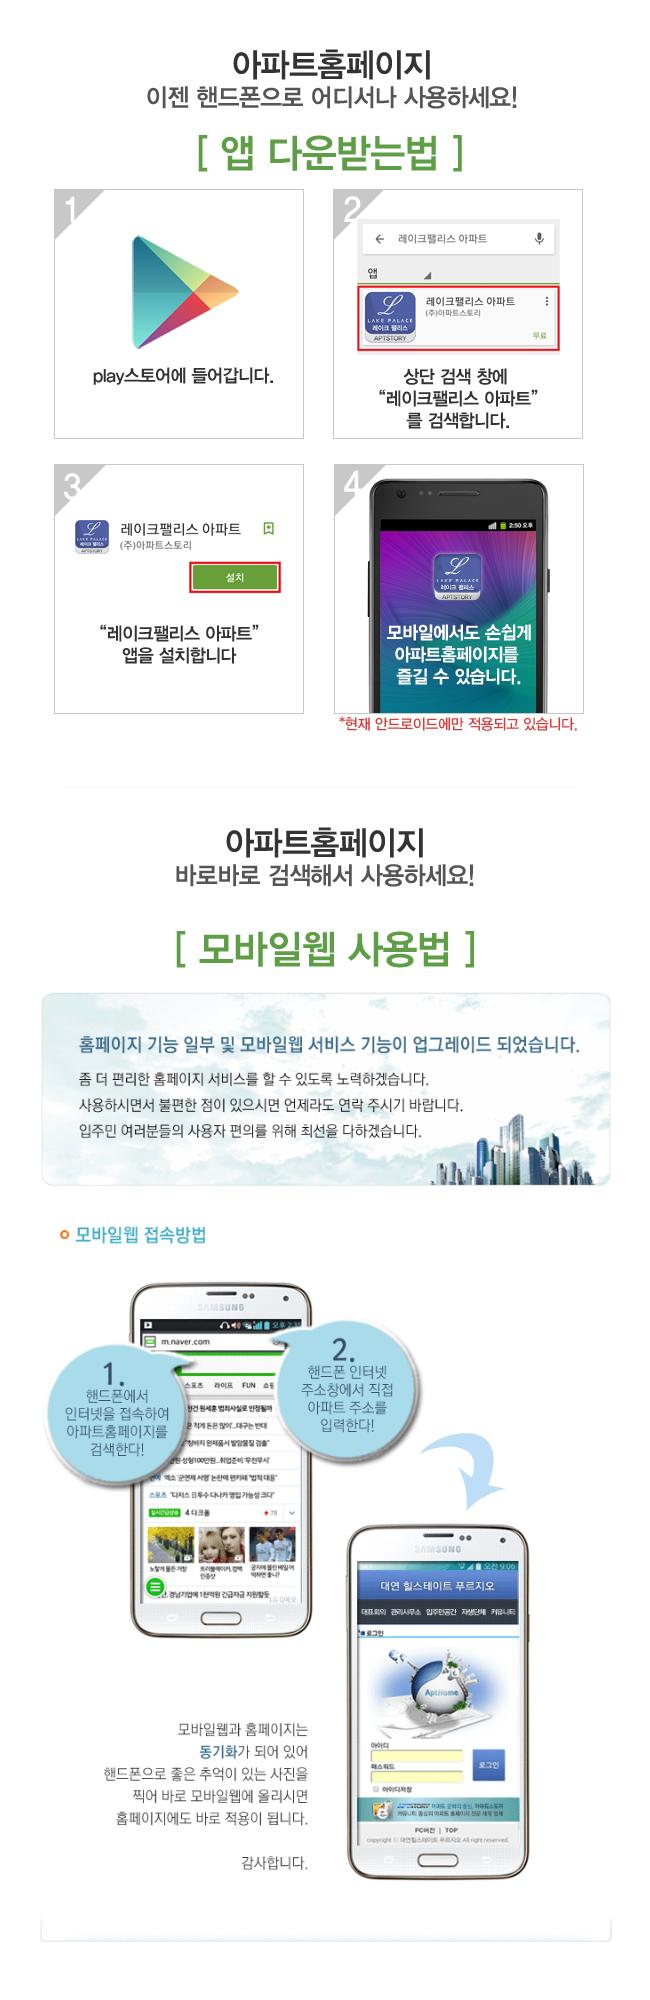 앱_모바일웹_사용방법_레이크팰리스.jpg